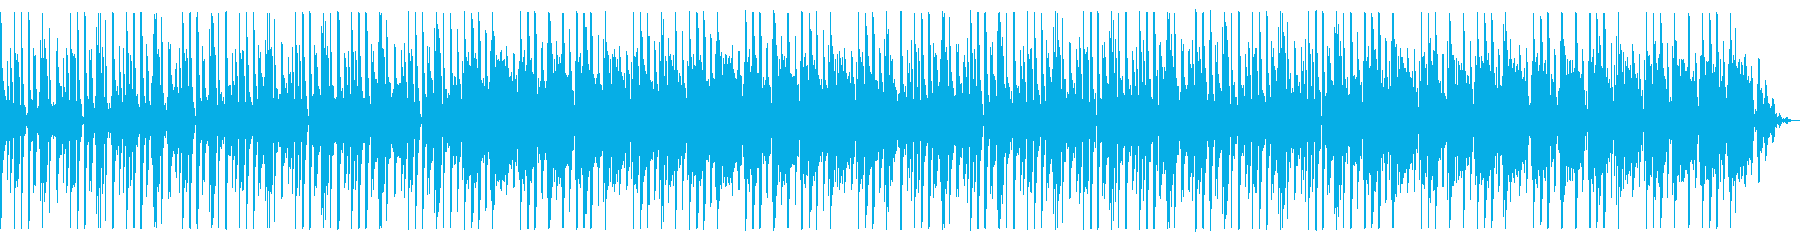 シューティング向けテクノの再生済みの波形